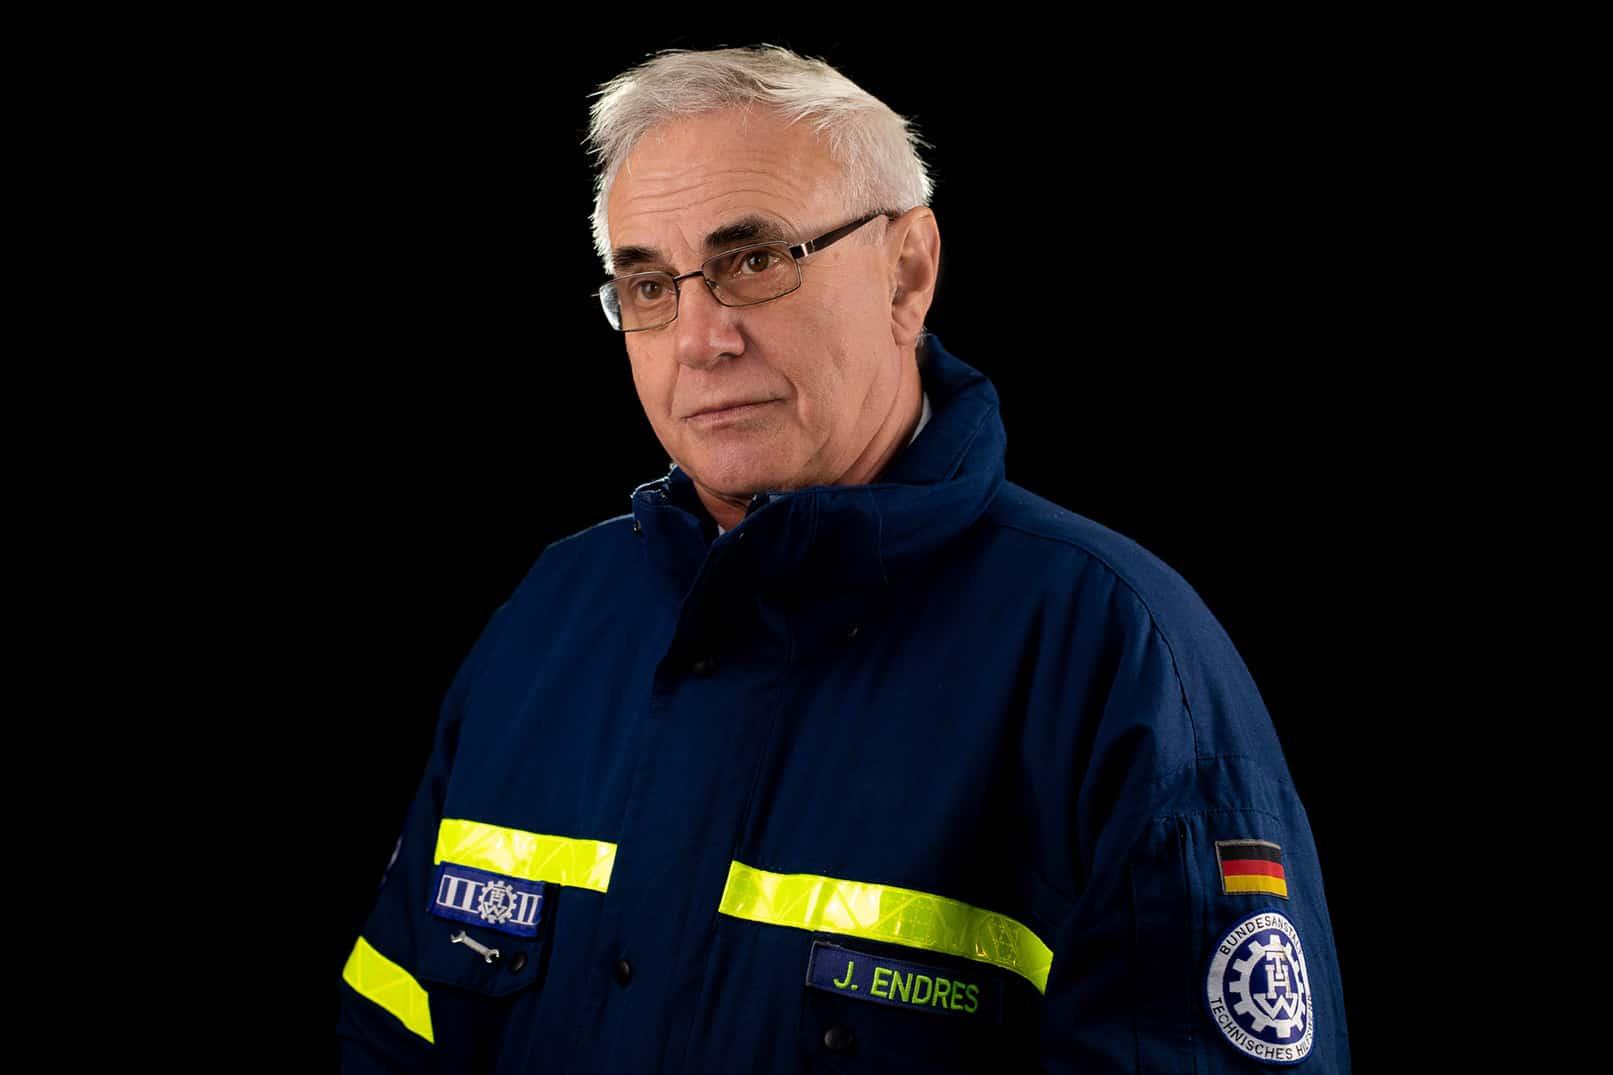 Jakob Endres